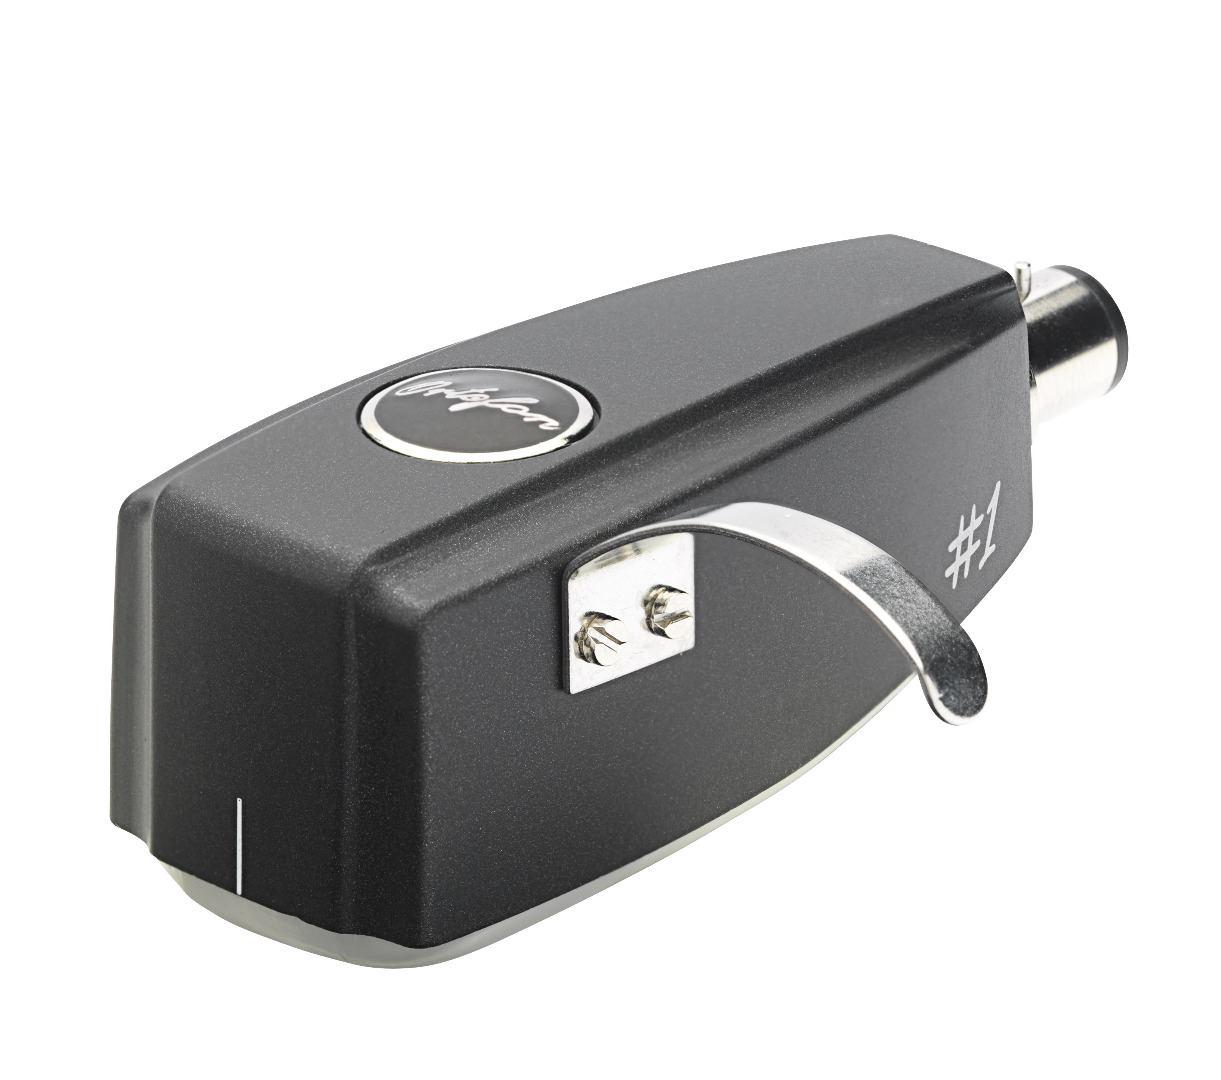 ortofon オルトフォン SPU#1 MCカートリッジ